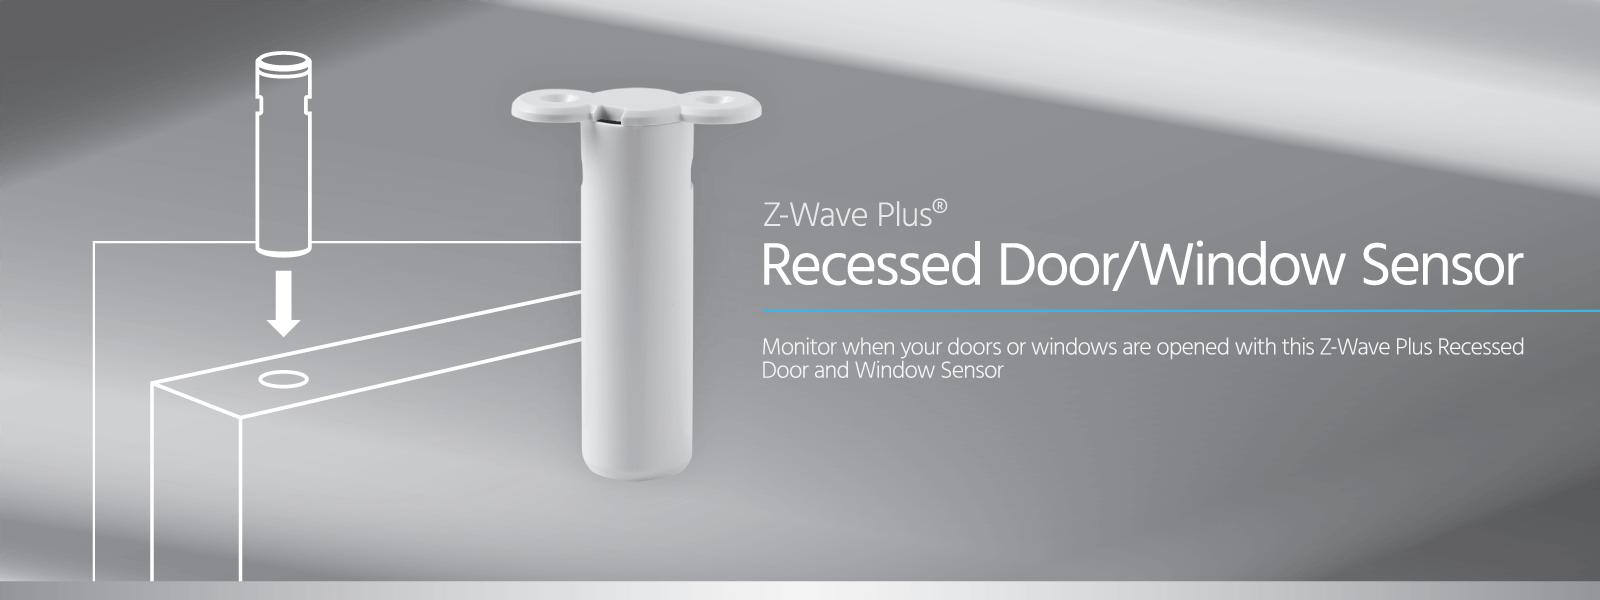 Monoprice Z Wave Plus Recessed Door Window Sensor No Logo